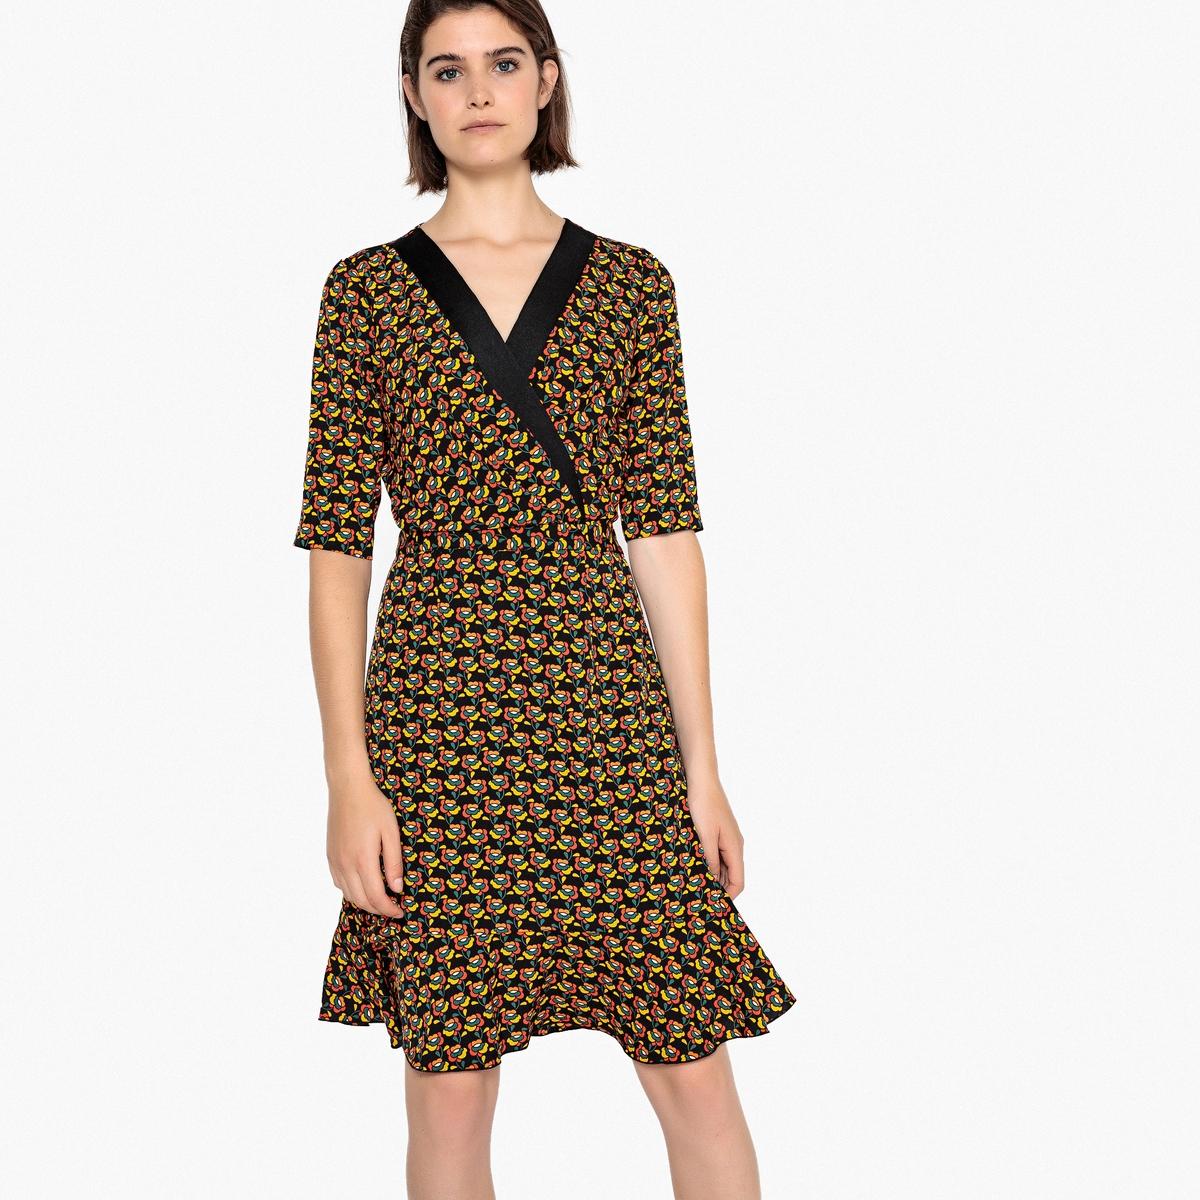 Платье La Redoute В форме каш-кер с цветочным рисунком на черном фоне 34 (FR) - 40 (RUS) черный пижама каш кер